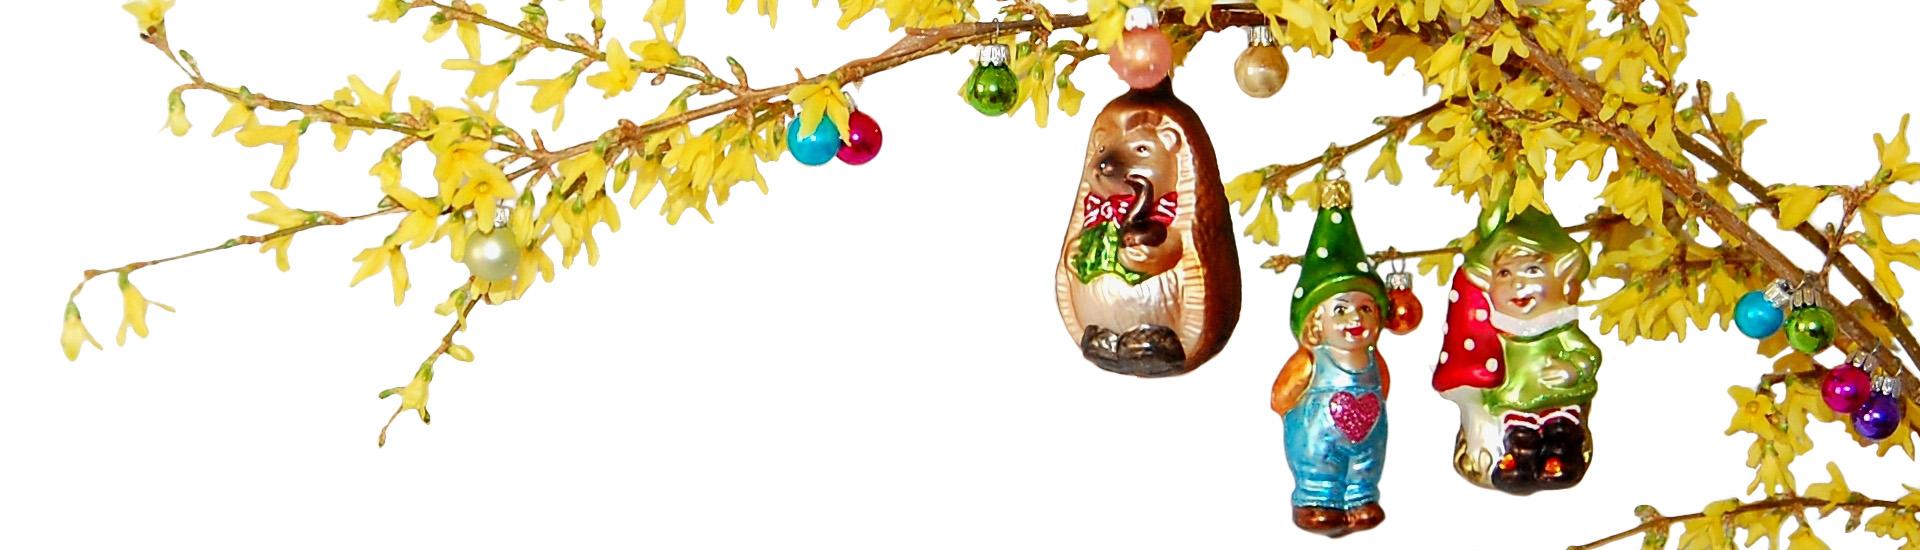 Ostern, Hase und Igel, Weihnachtselfen